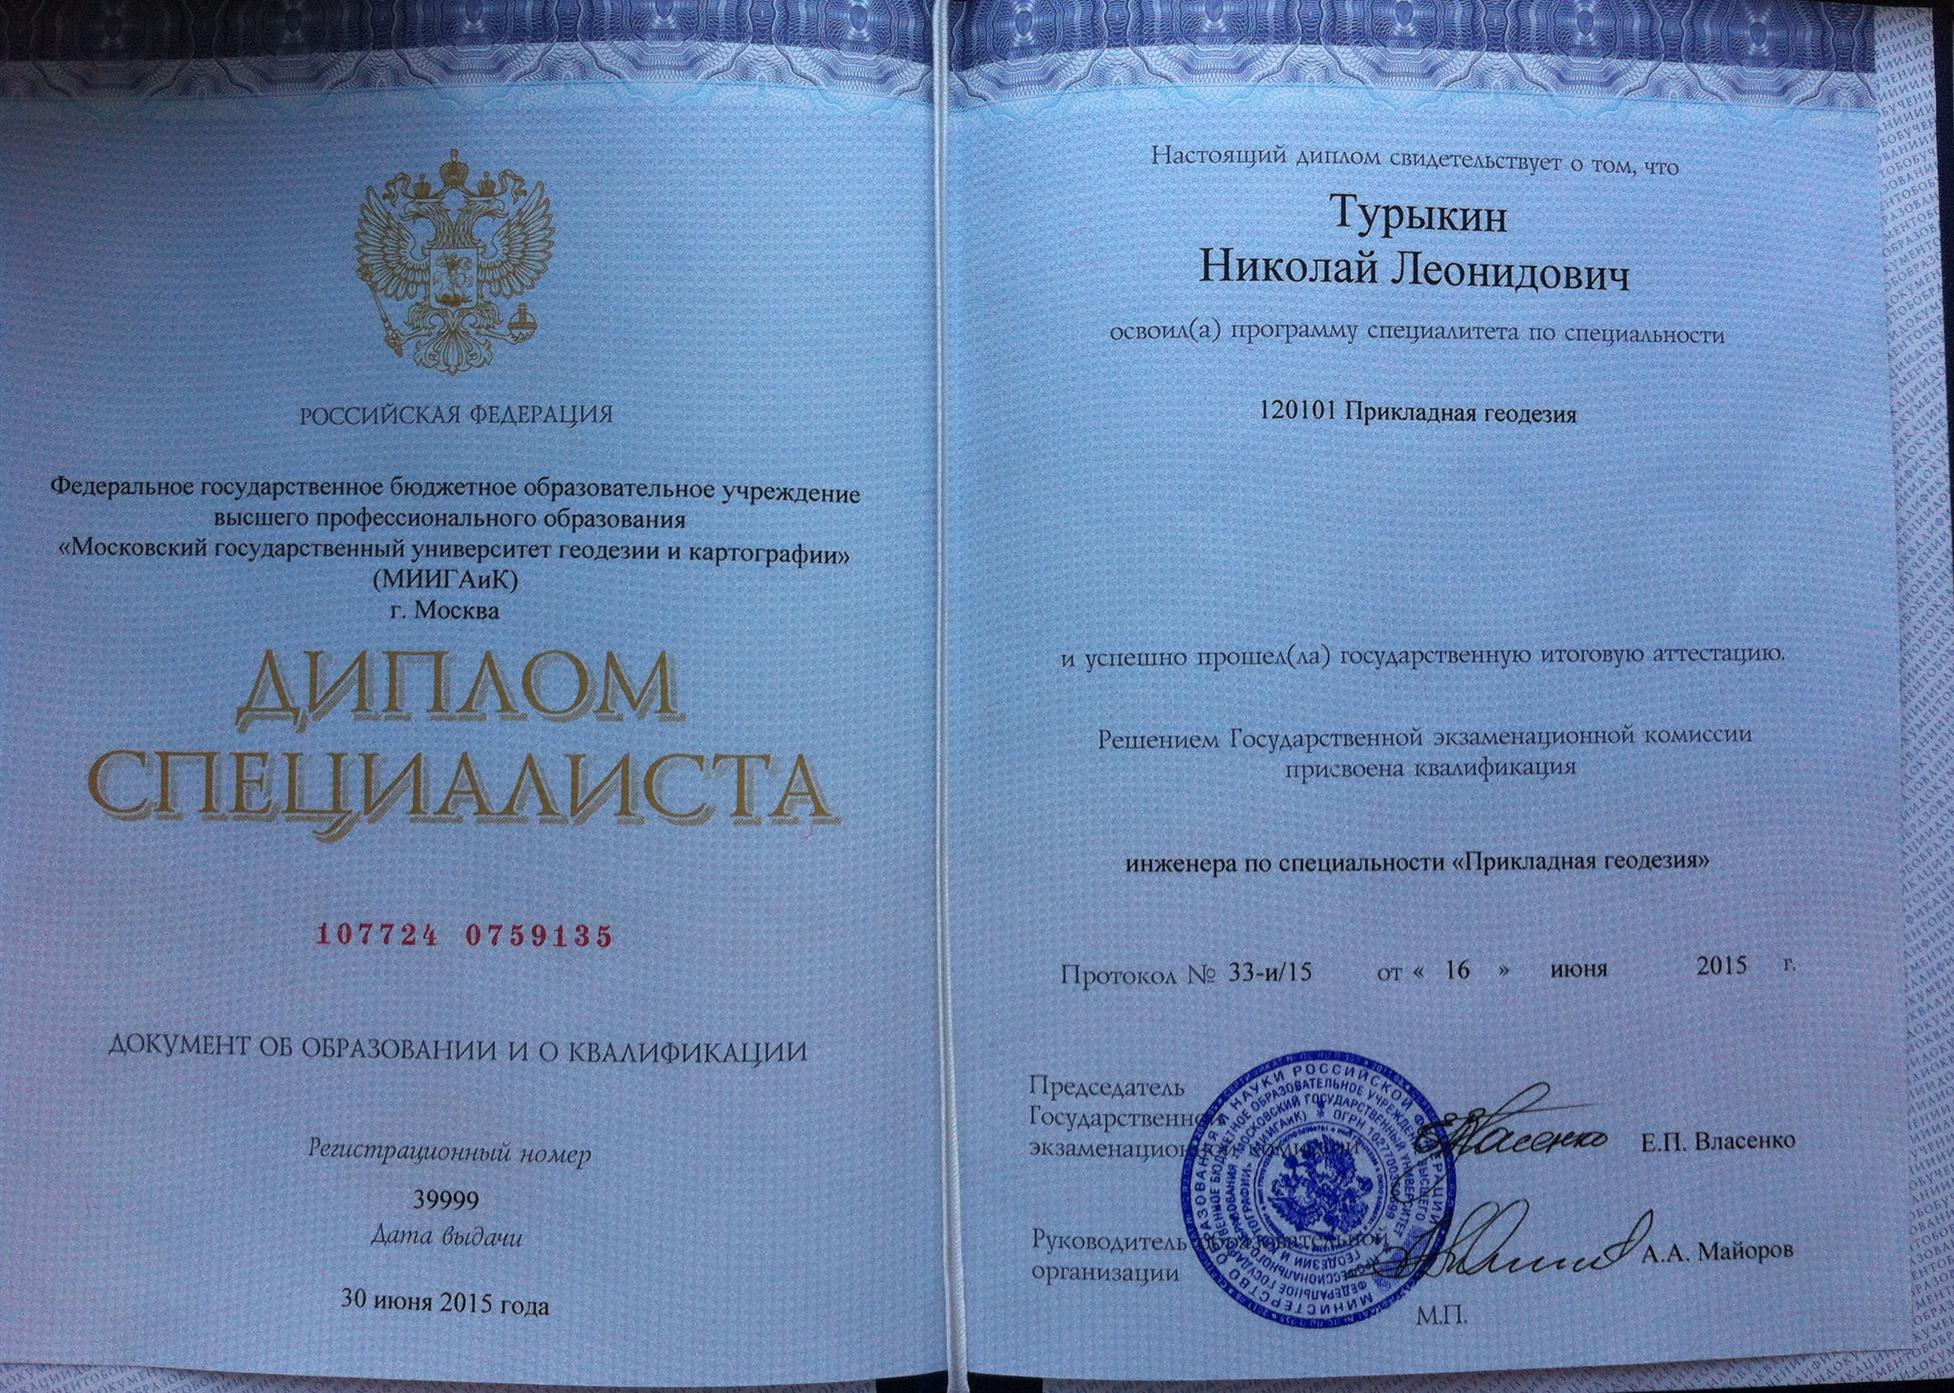 Диплом специалиста образец фото ГОСТ 2001 7 32 гласит в противном случае придется купить диплом установленного образца потратить